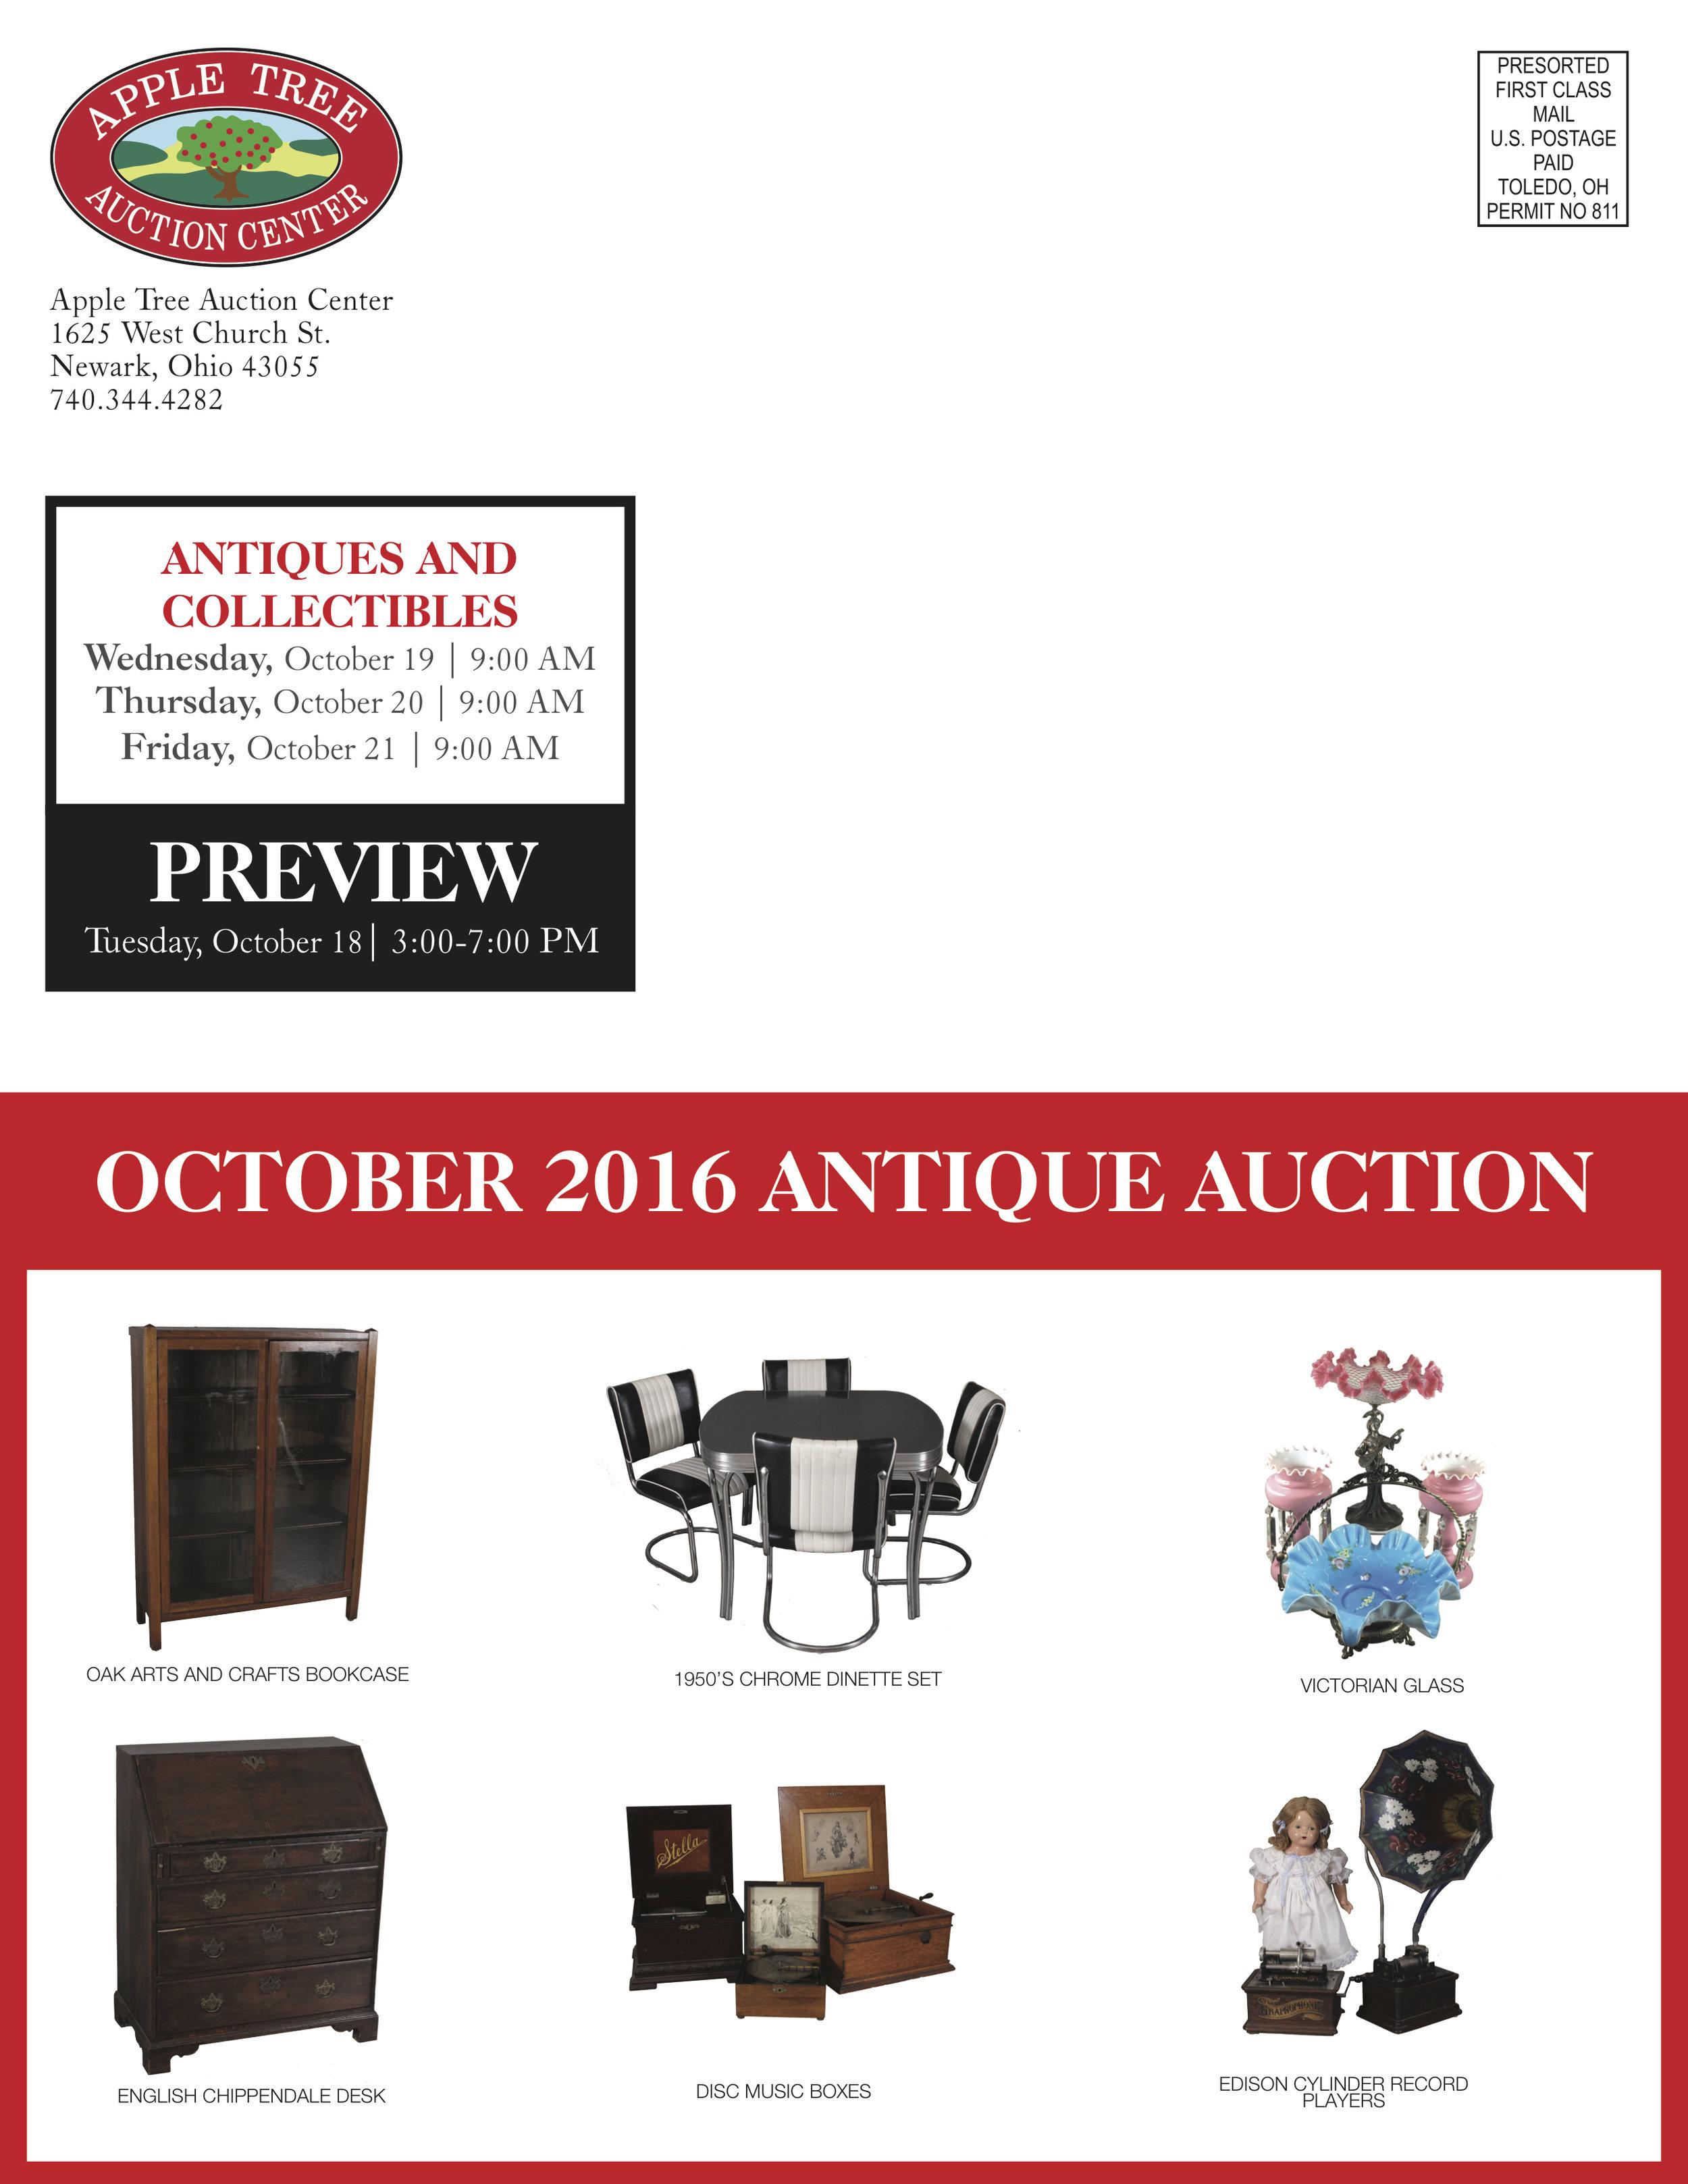 October Antique Flyer 16 high res_8.jpg